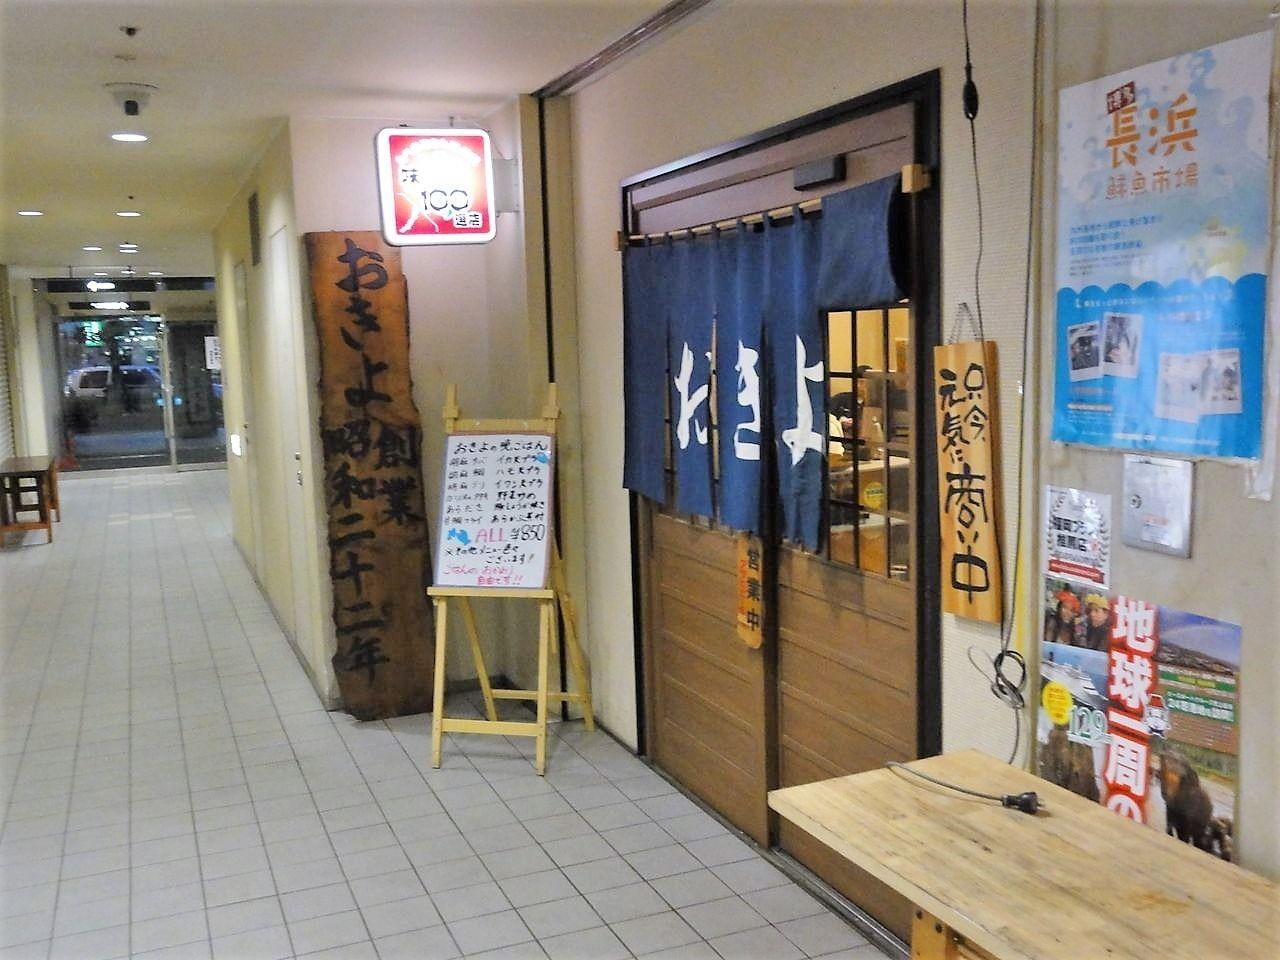 福岡の市場でとれた新鮮なお魚が食べれる、おきよ食堂です